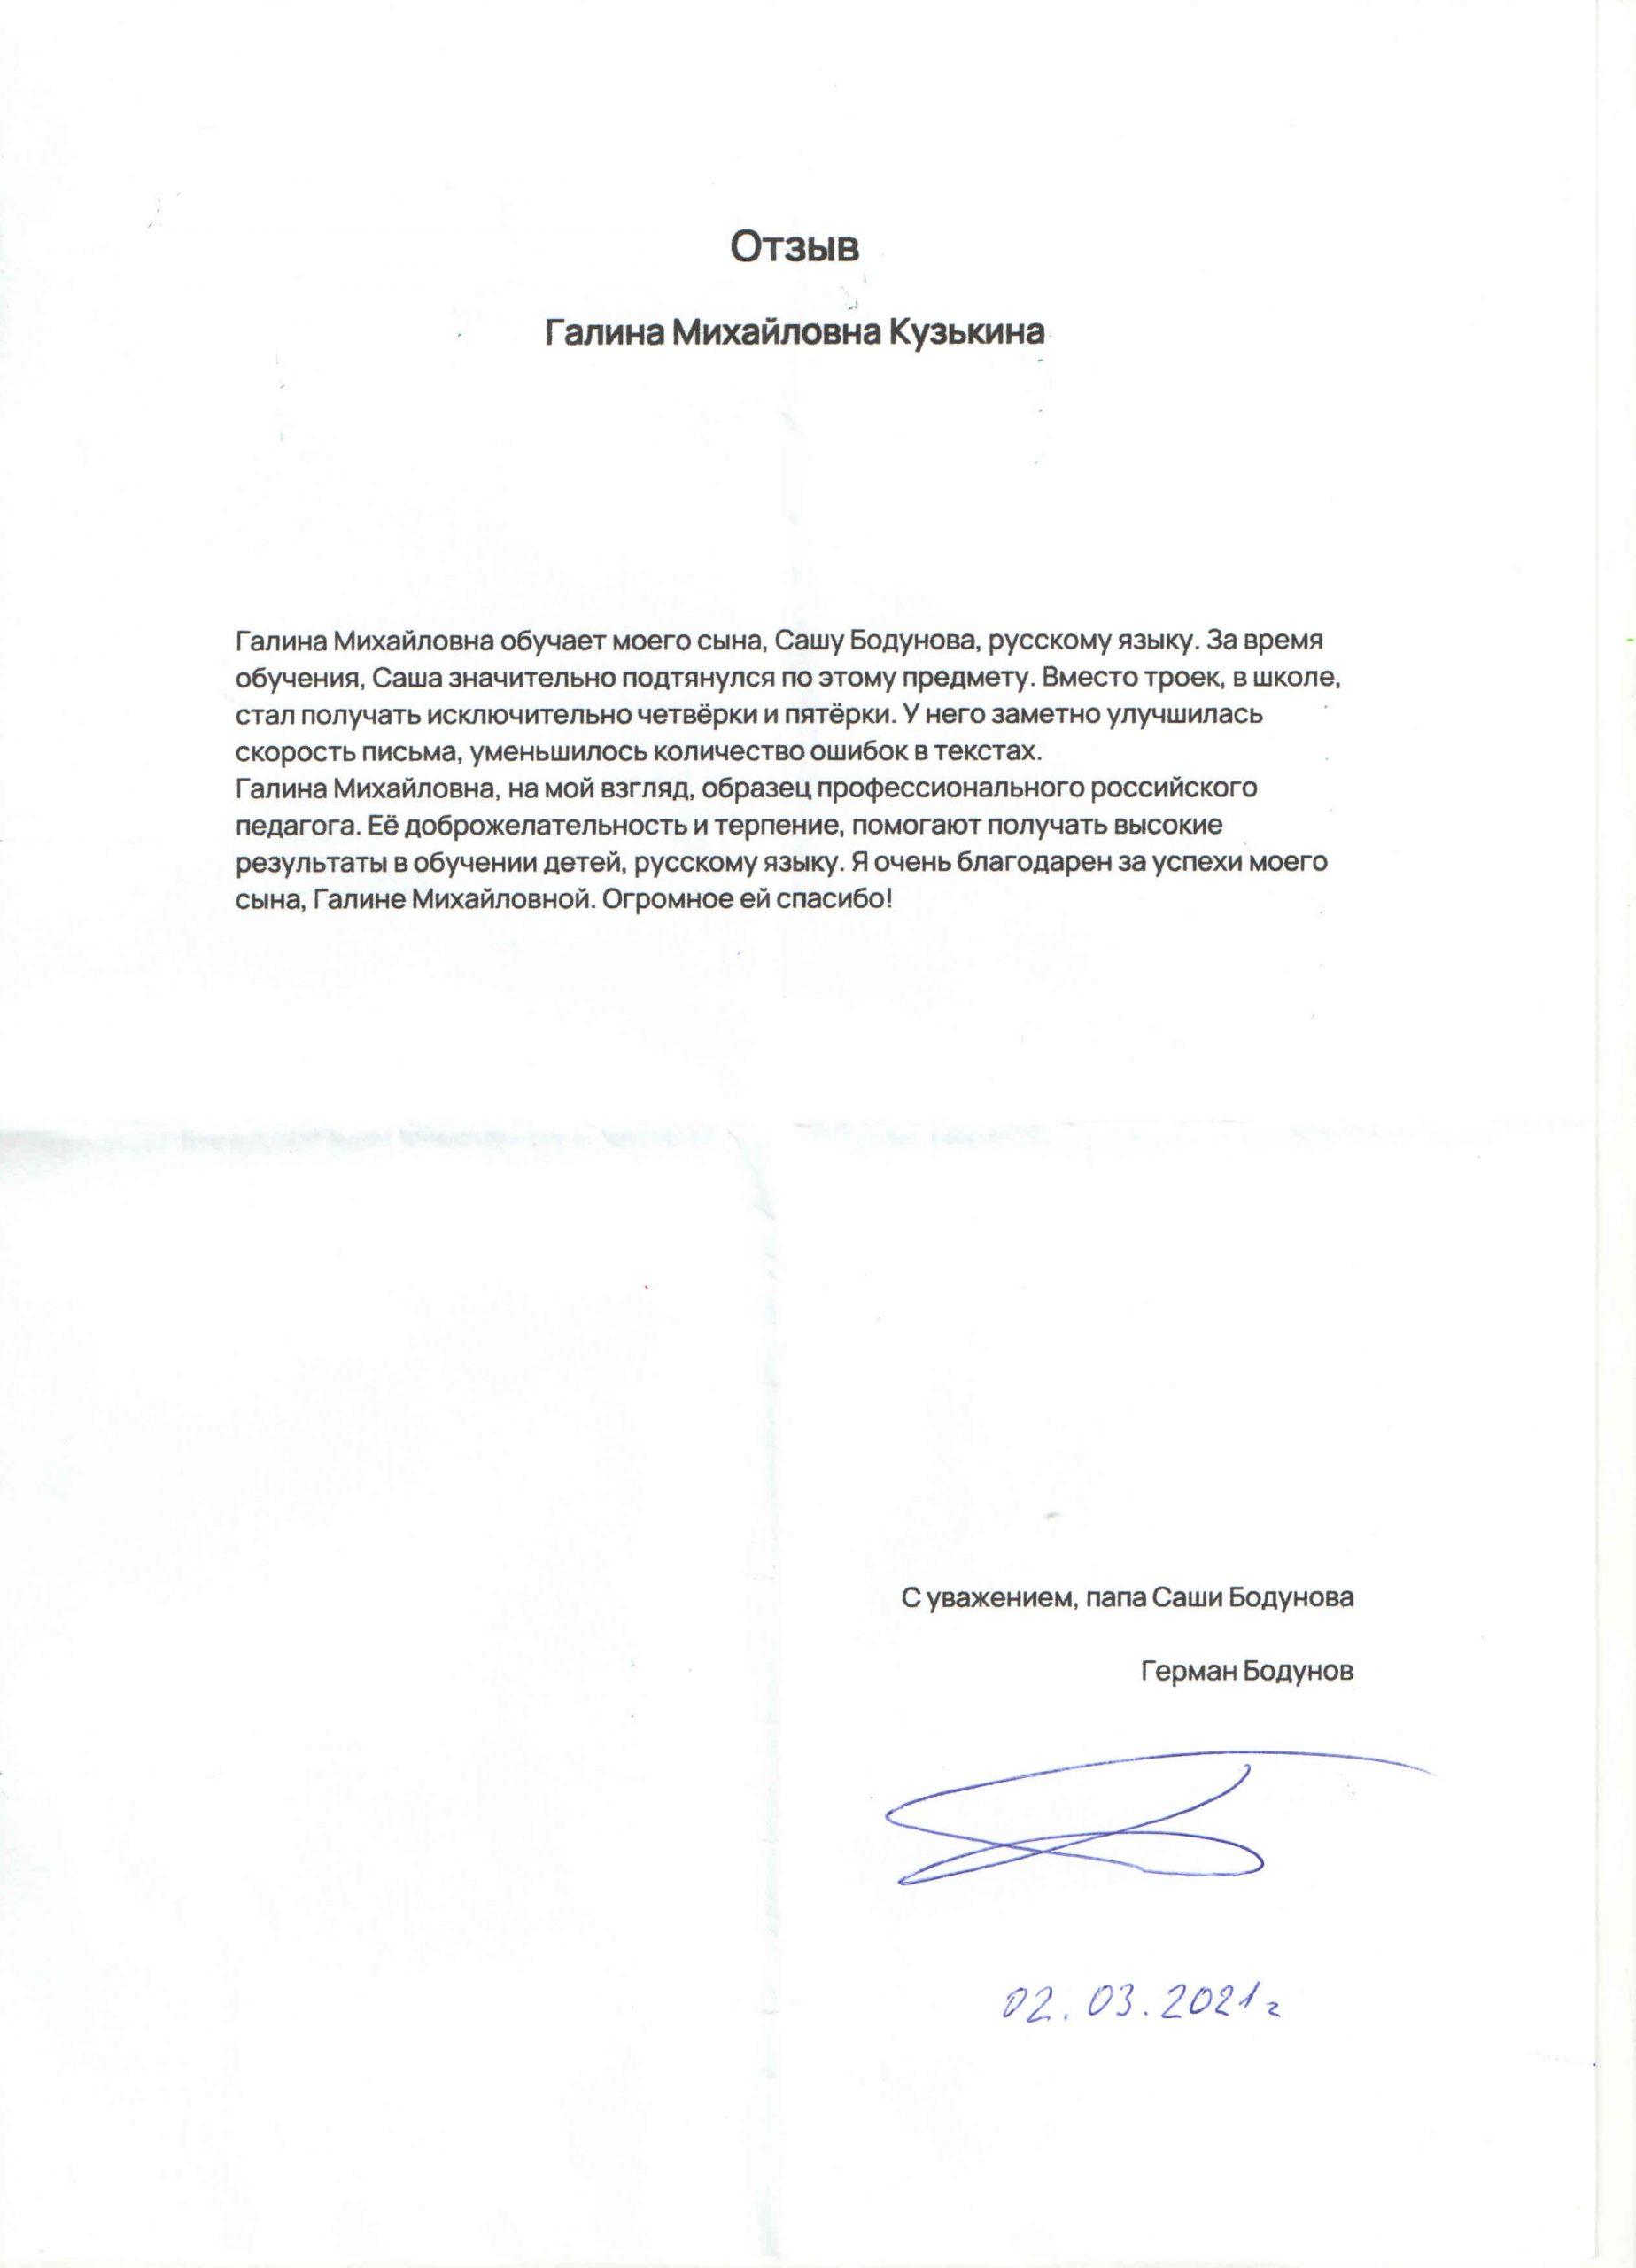 Кузькина 02.03.2021